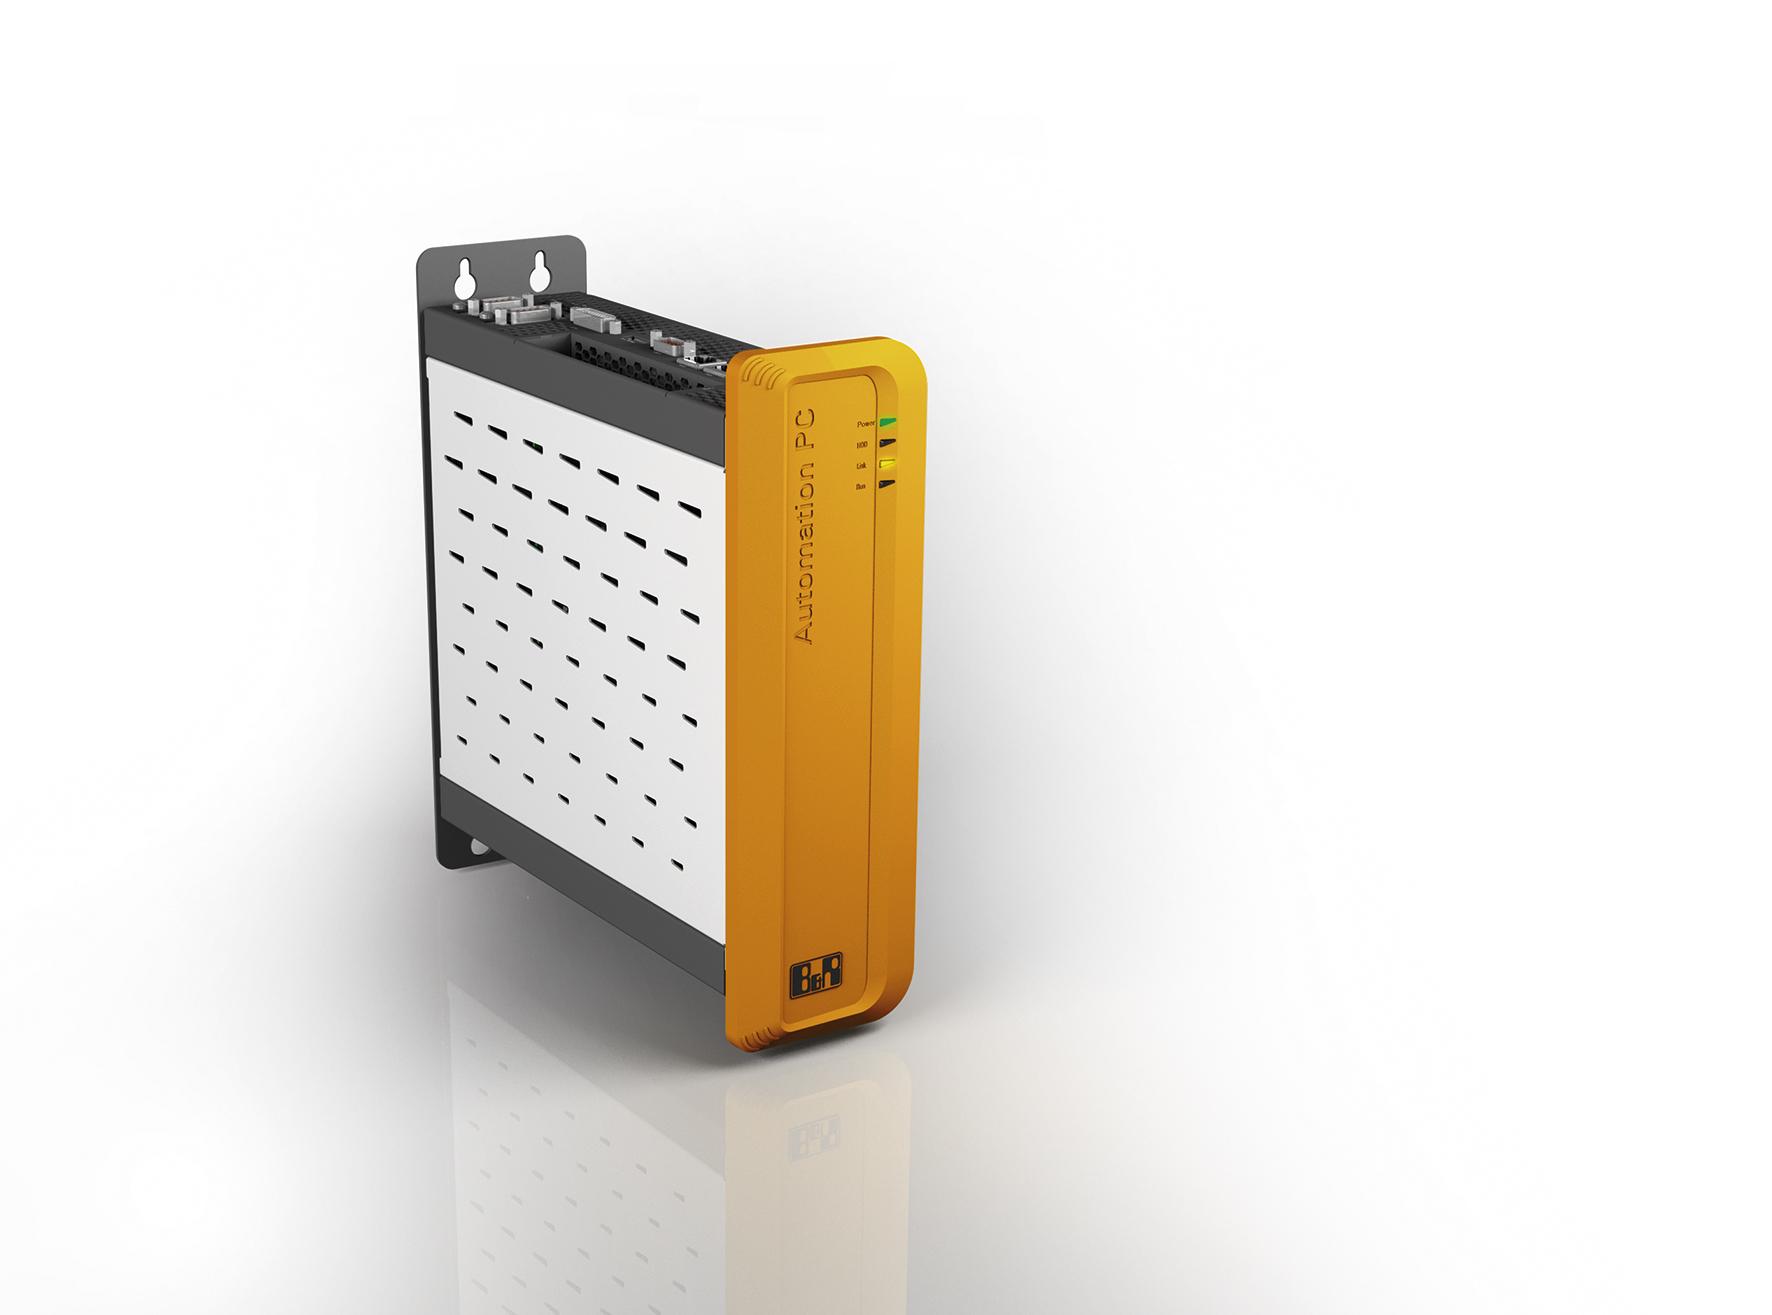 Ein Automation PC 910 mit der gebrauchsfertigen Software Aprol EnMon reicht aus, um ein vollständiges Energie-Monitoring-System einzurichten.